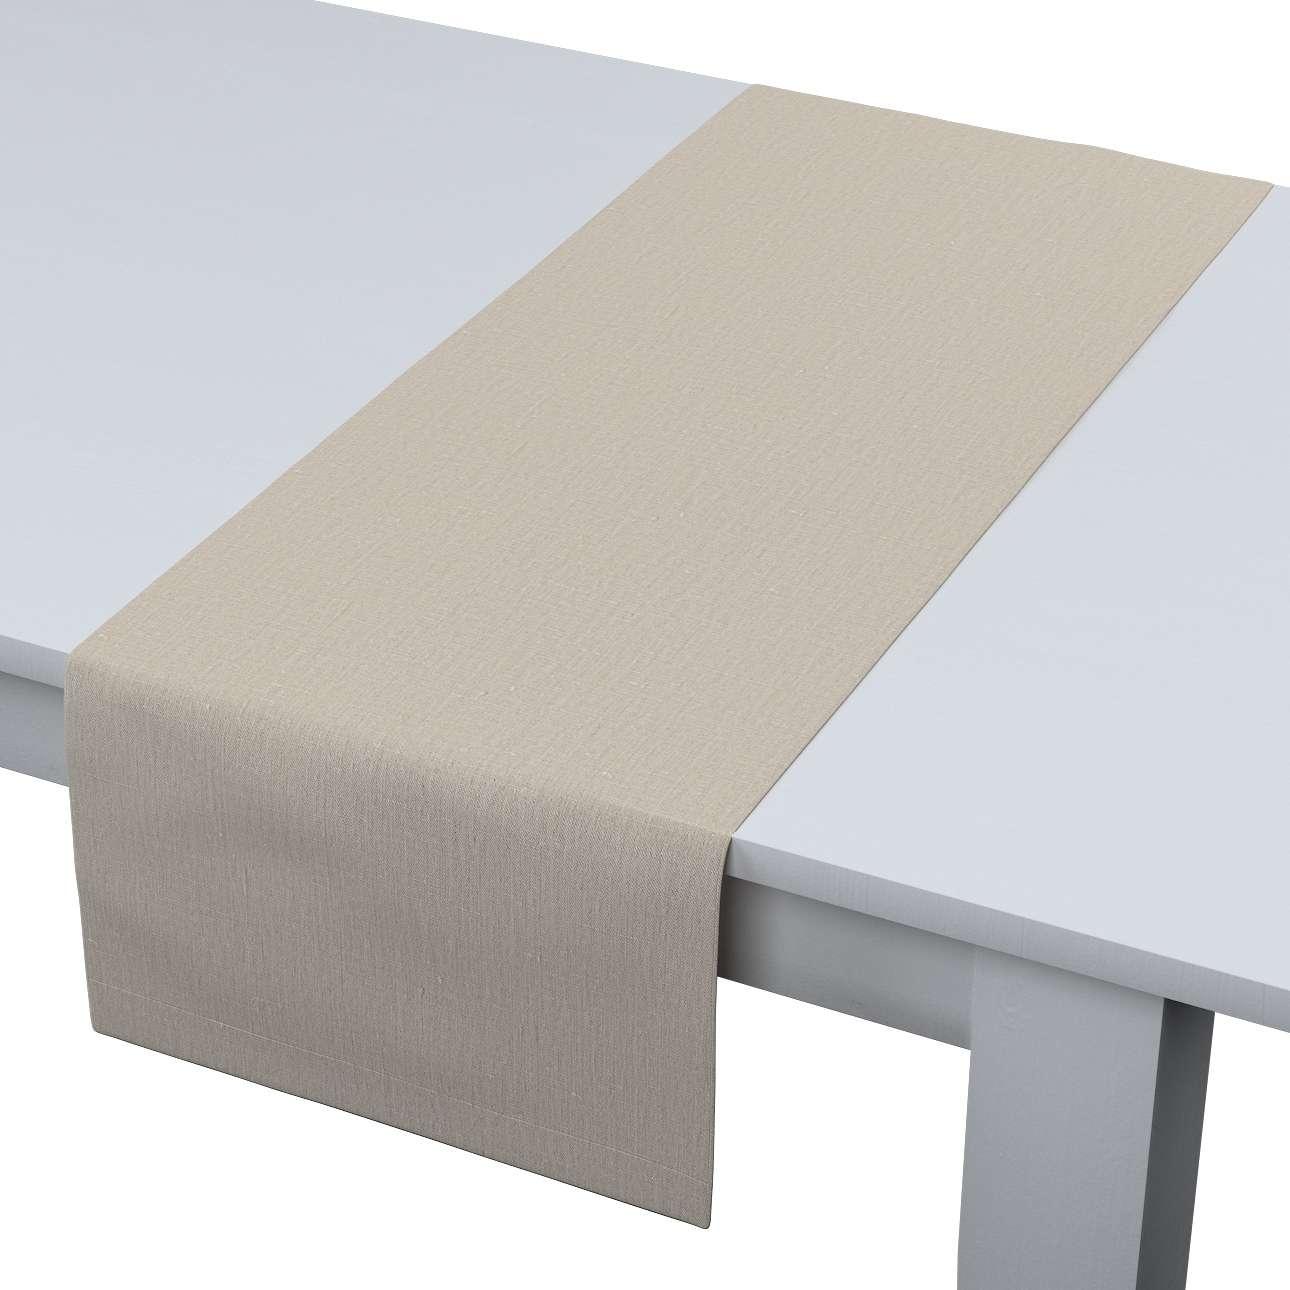 Rechteckiger Tischläufer 40 x 130 cm von der Kollektion Leinen, Stoff: 392-05